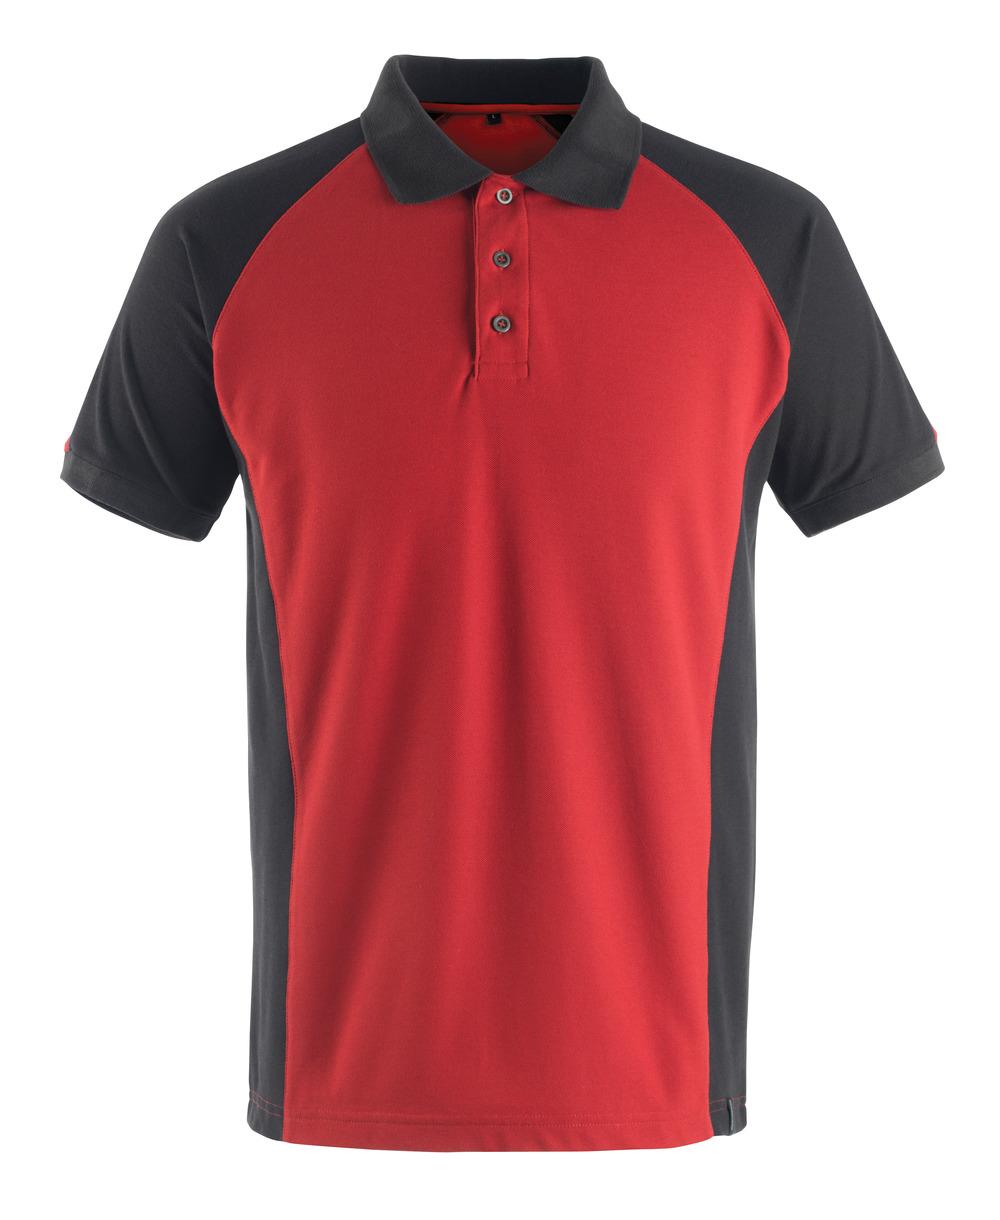 50569-961-0209 Pikétröja - röd/svart